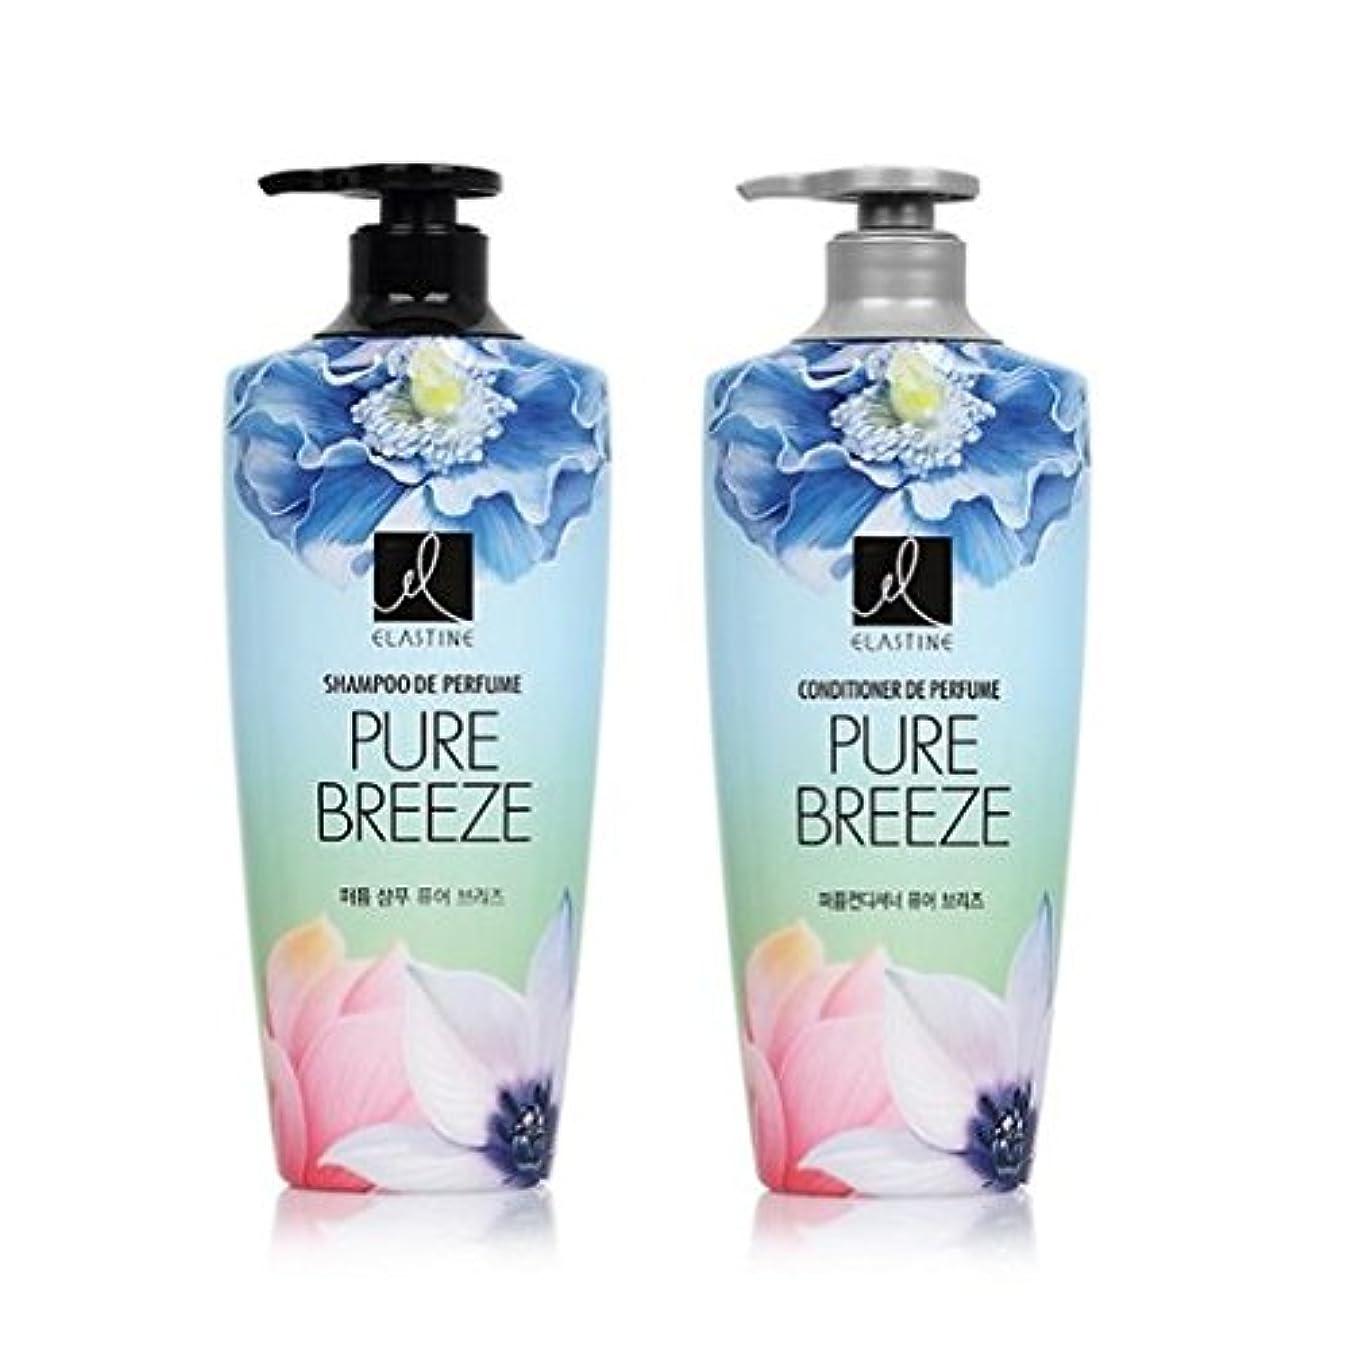 あたり混合したあいまいさ[エラスティン] Elastine Perfume PURE BREEZE 4本 セット / シャンプー(600ml) + コンディショナー(600ml) / パフュームピュアブリーズ [並行輸入品] (シャンプー 2本?コンディショナー 2本)